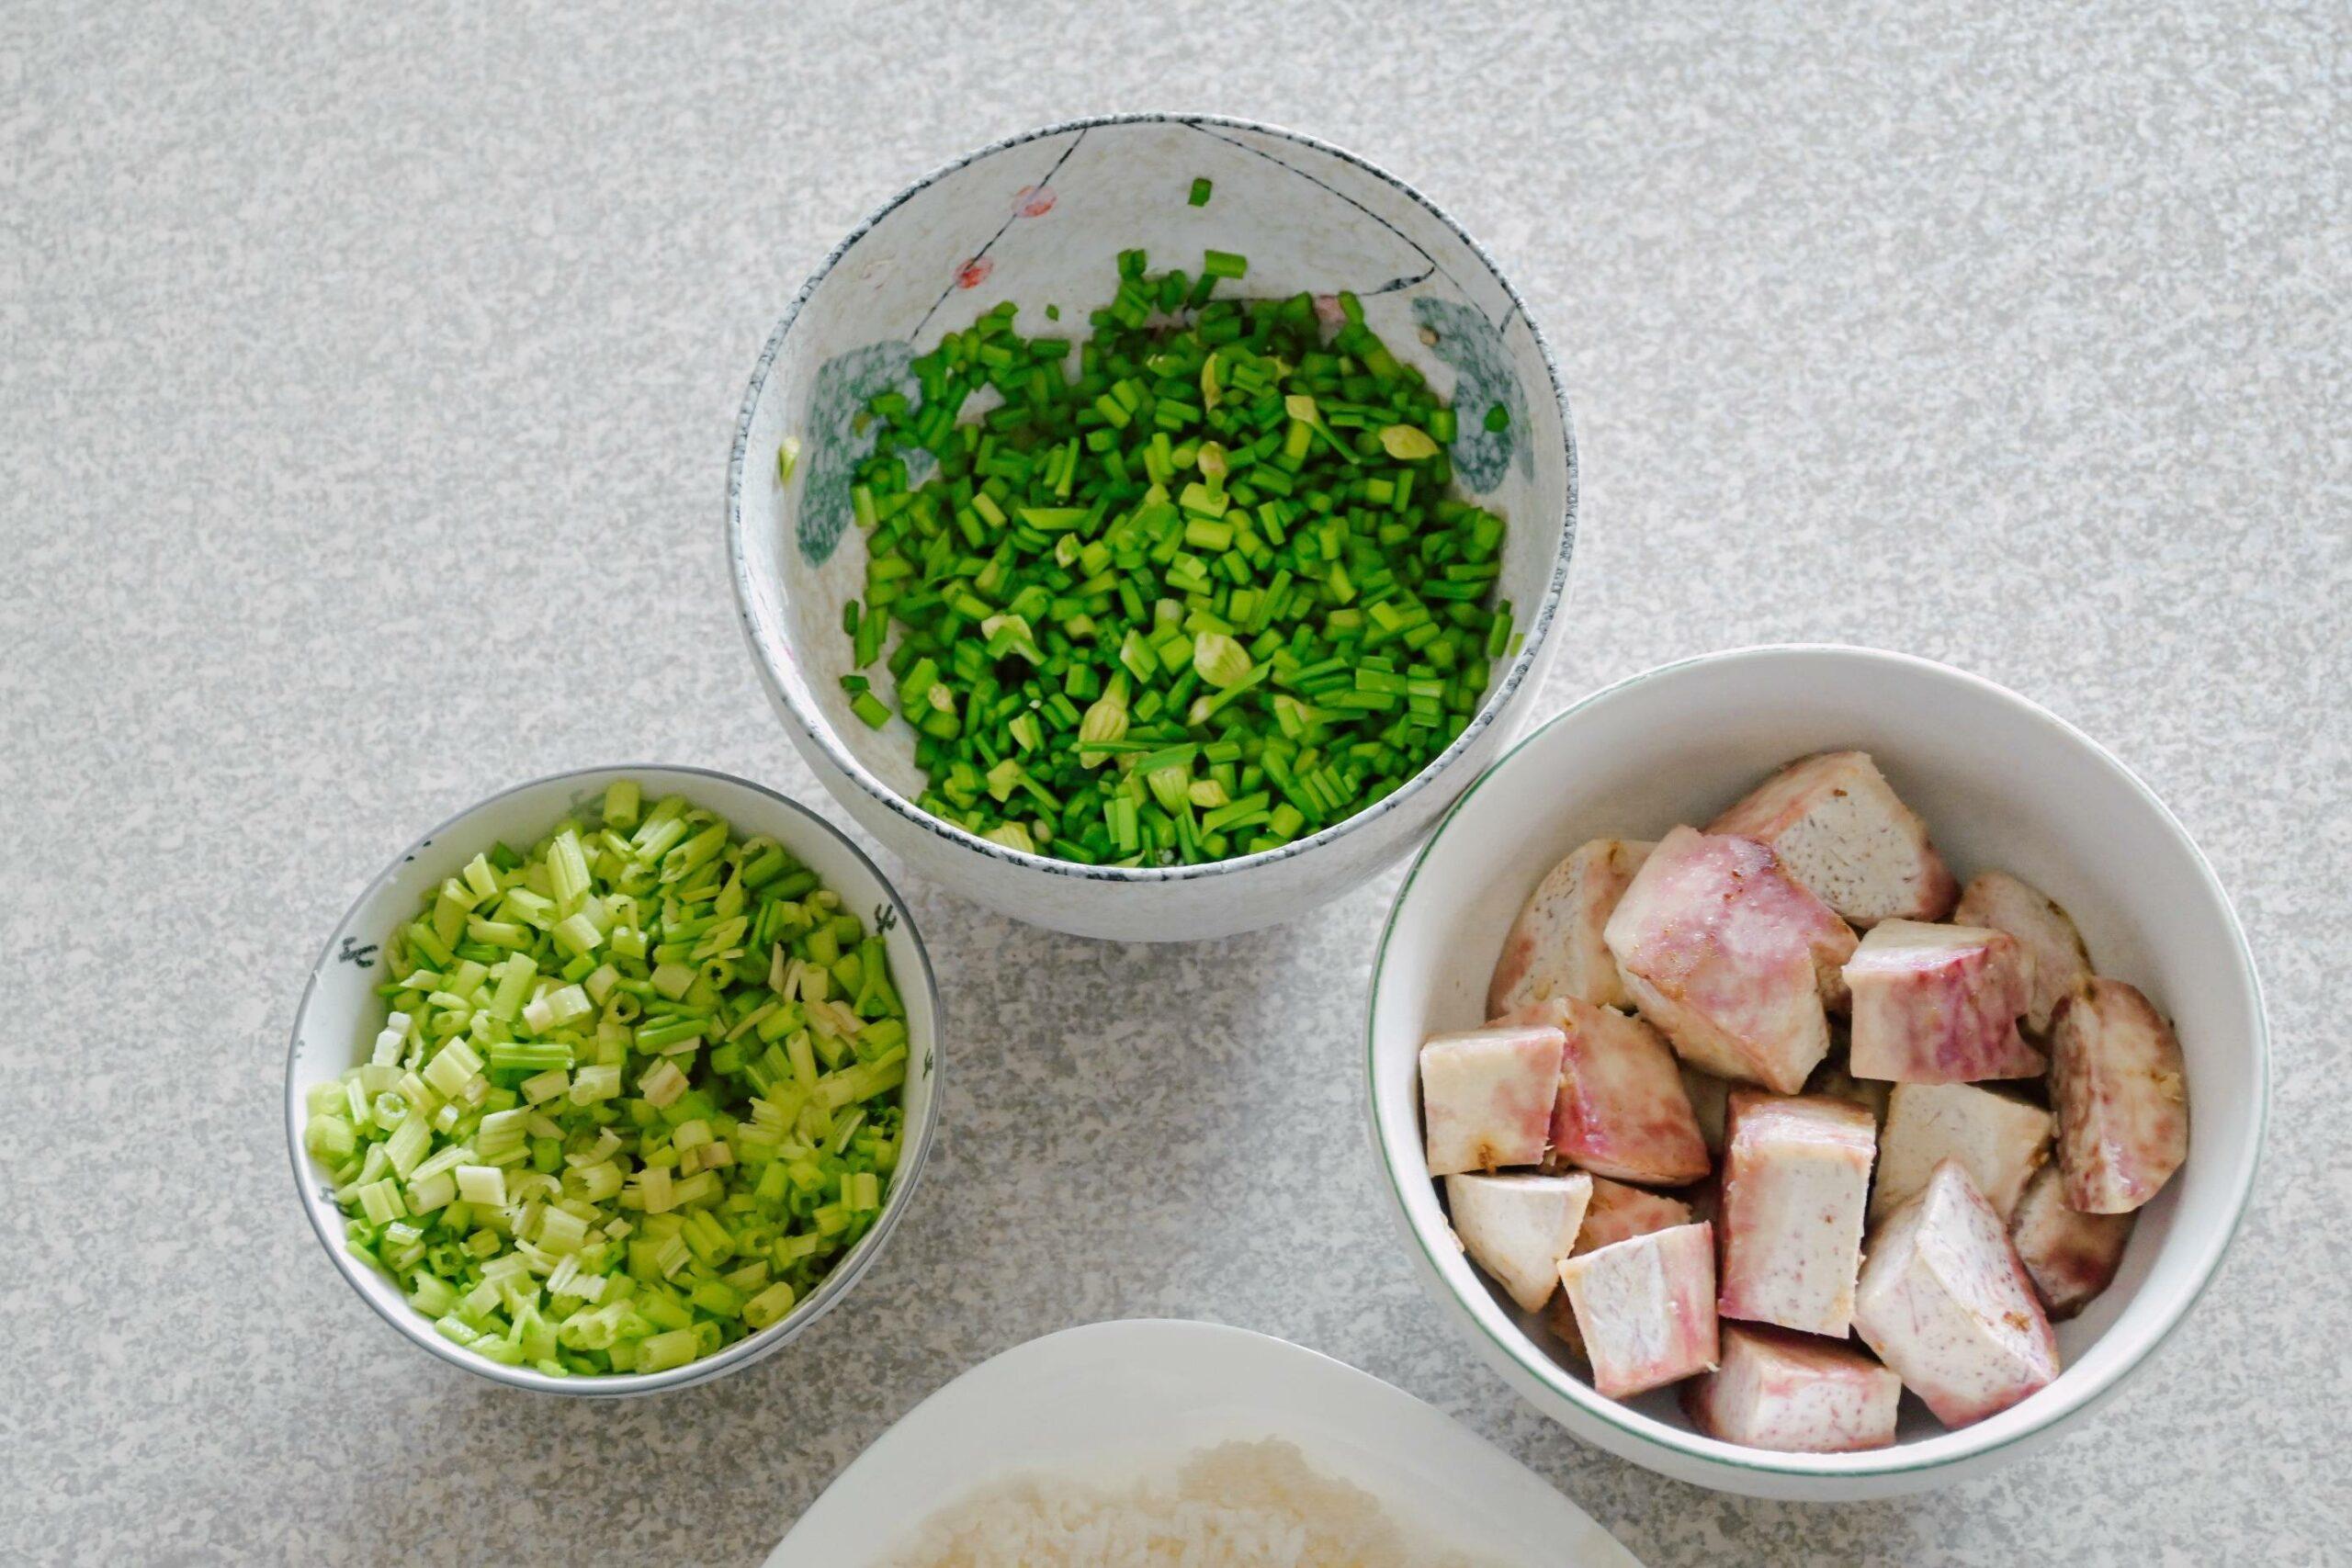 芋頭鹹稀飯食譜、芋頭鹹粥食譜:來自媽媽的味道。 @女子的休假計劃